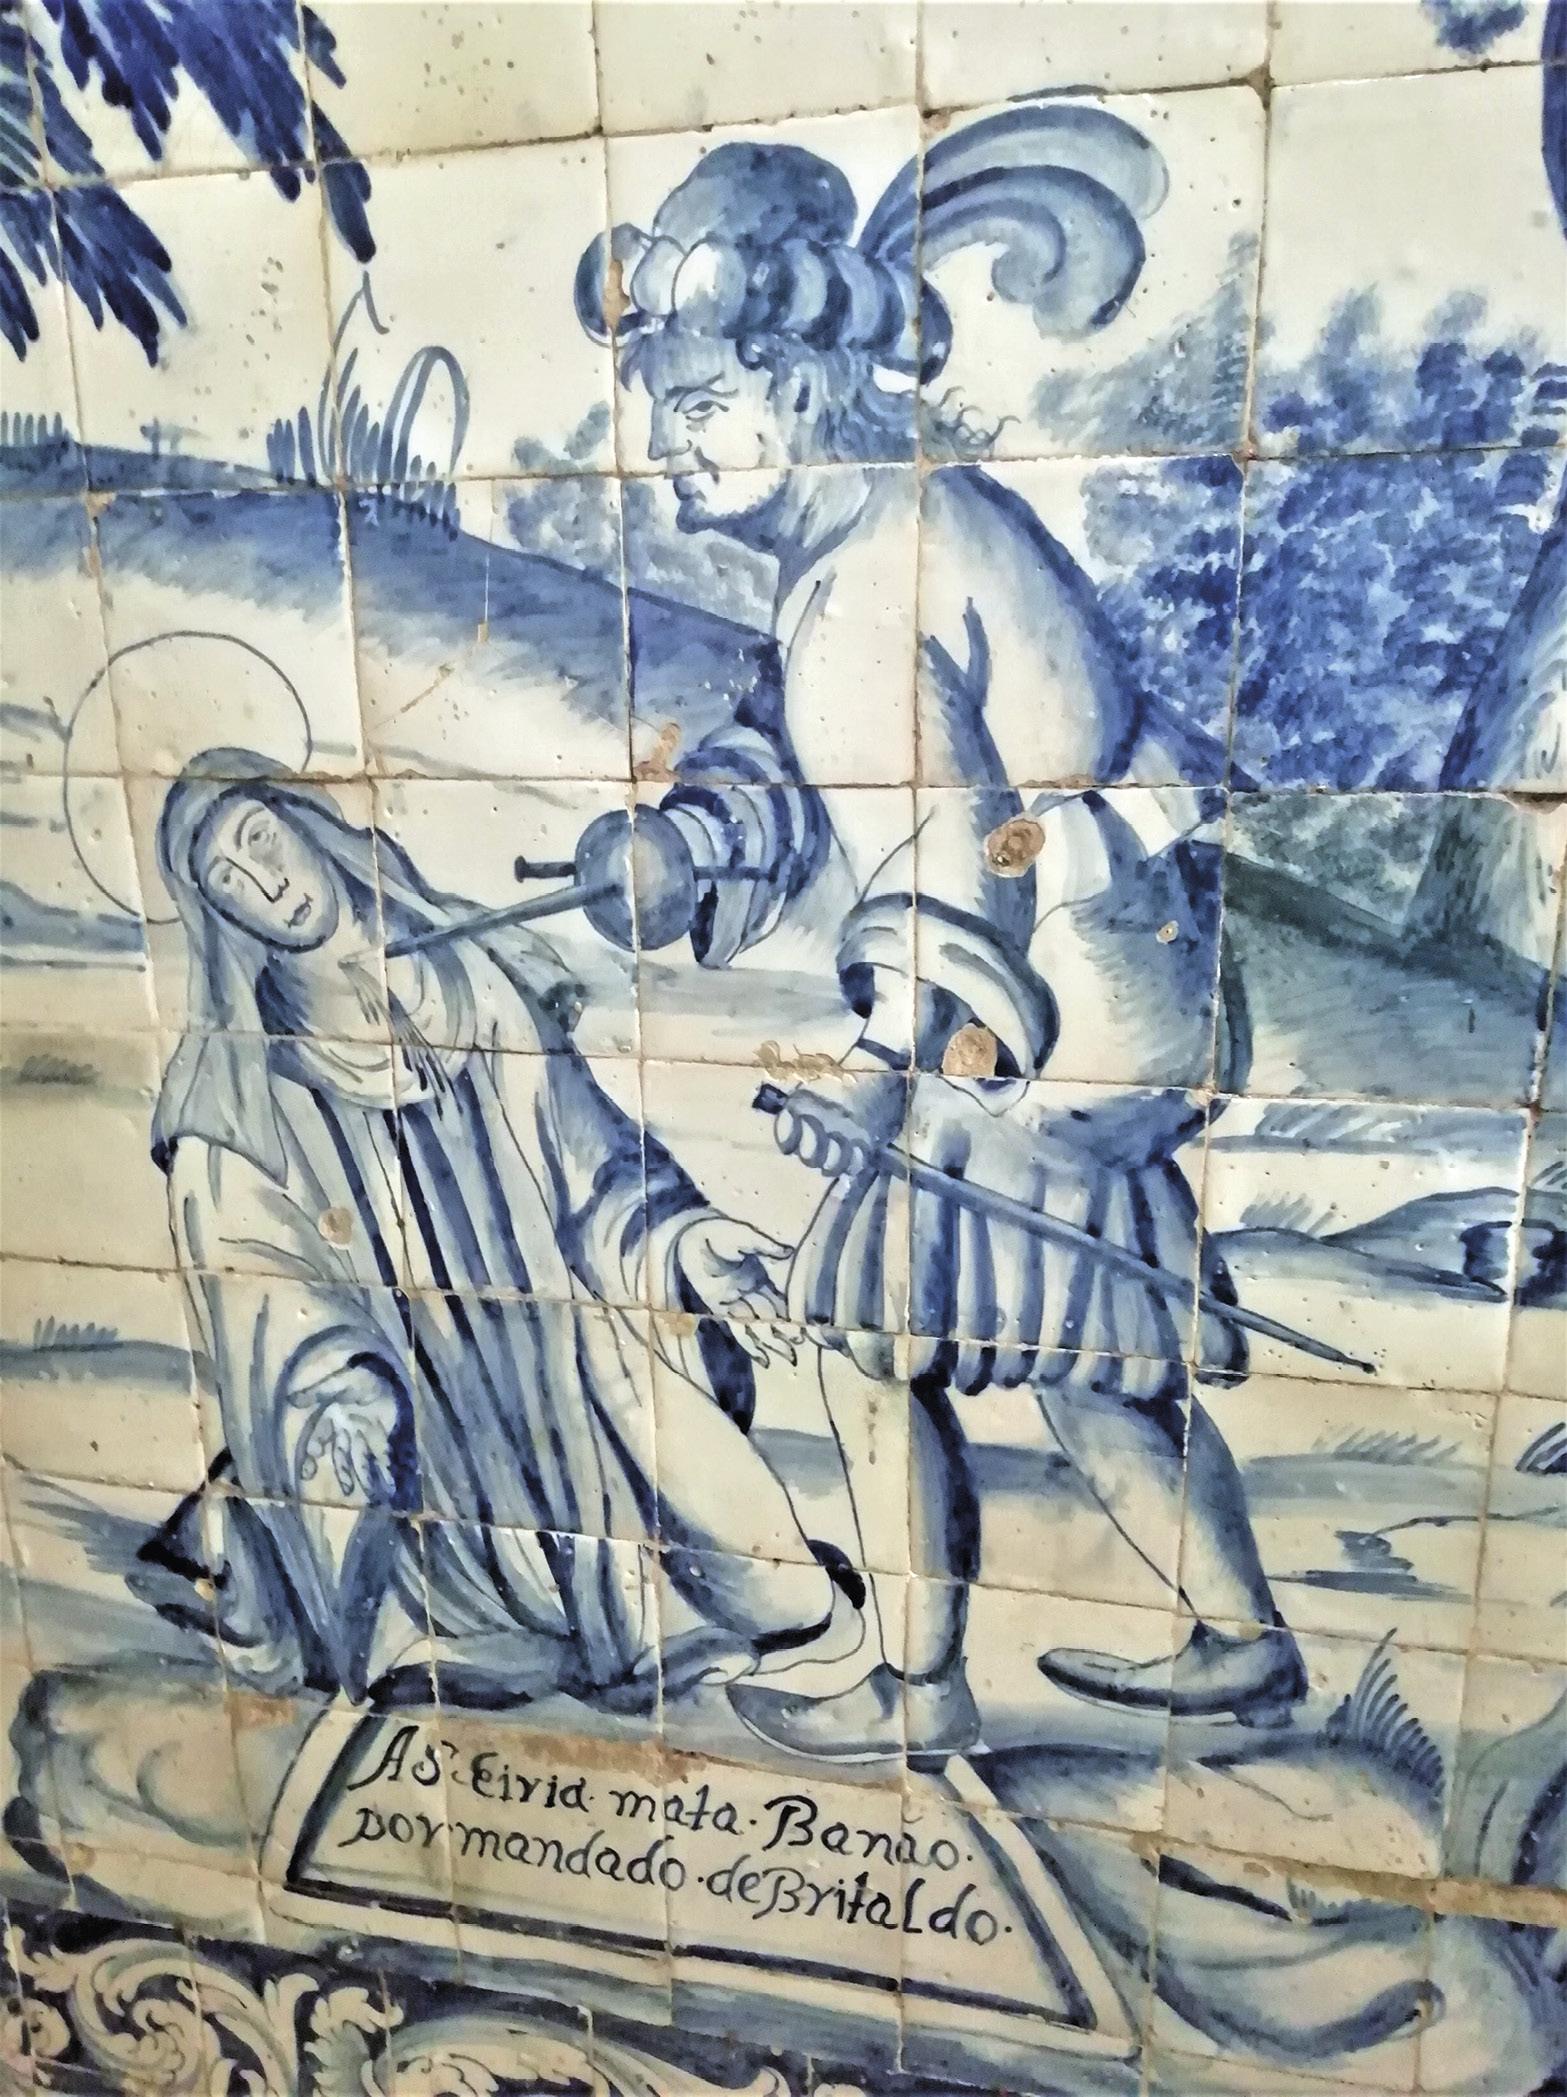 Detalhe da coleção de azulejos que narra a lenda de Santa Iria, na igreja paroquial de Santa Iria. Foto: Habibicb, 2020 | Wikimedia Commons.